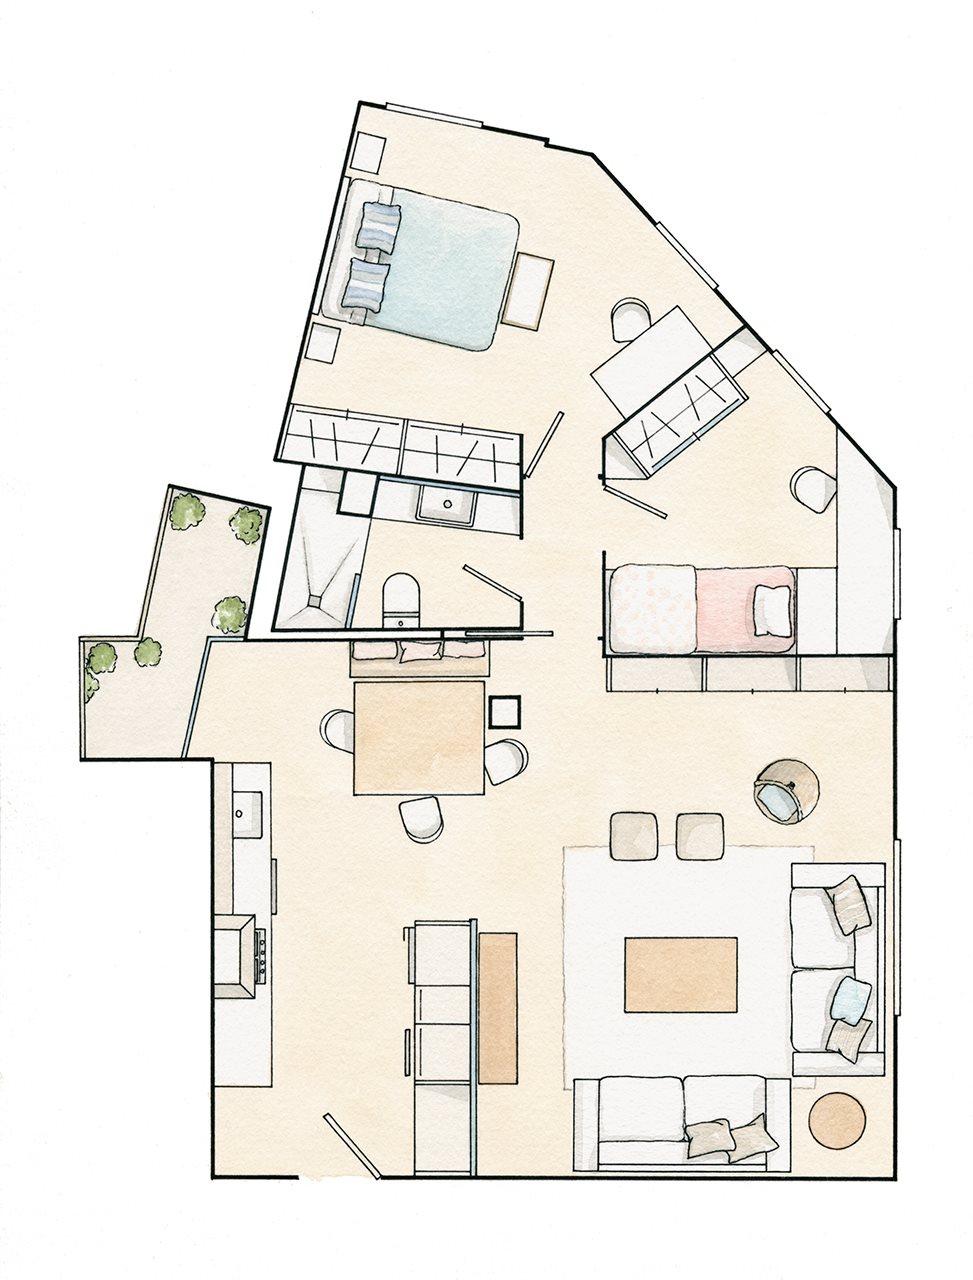 дизайн трехкомнатной квартиры 60м2